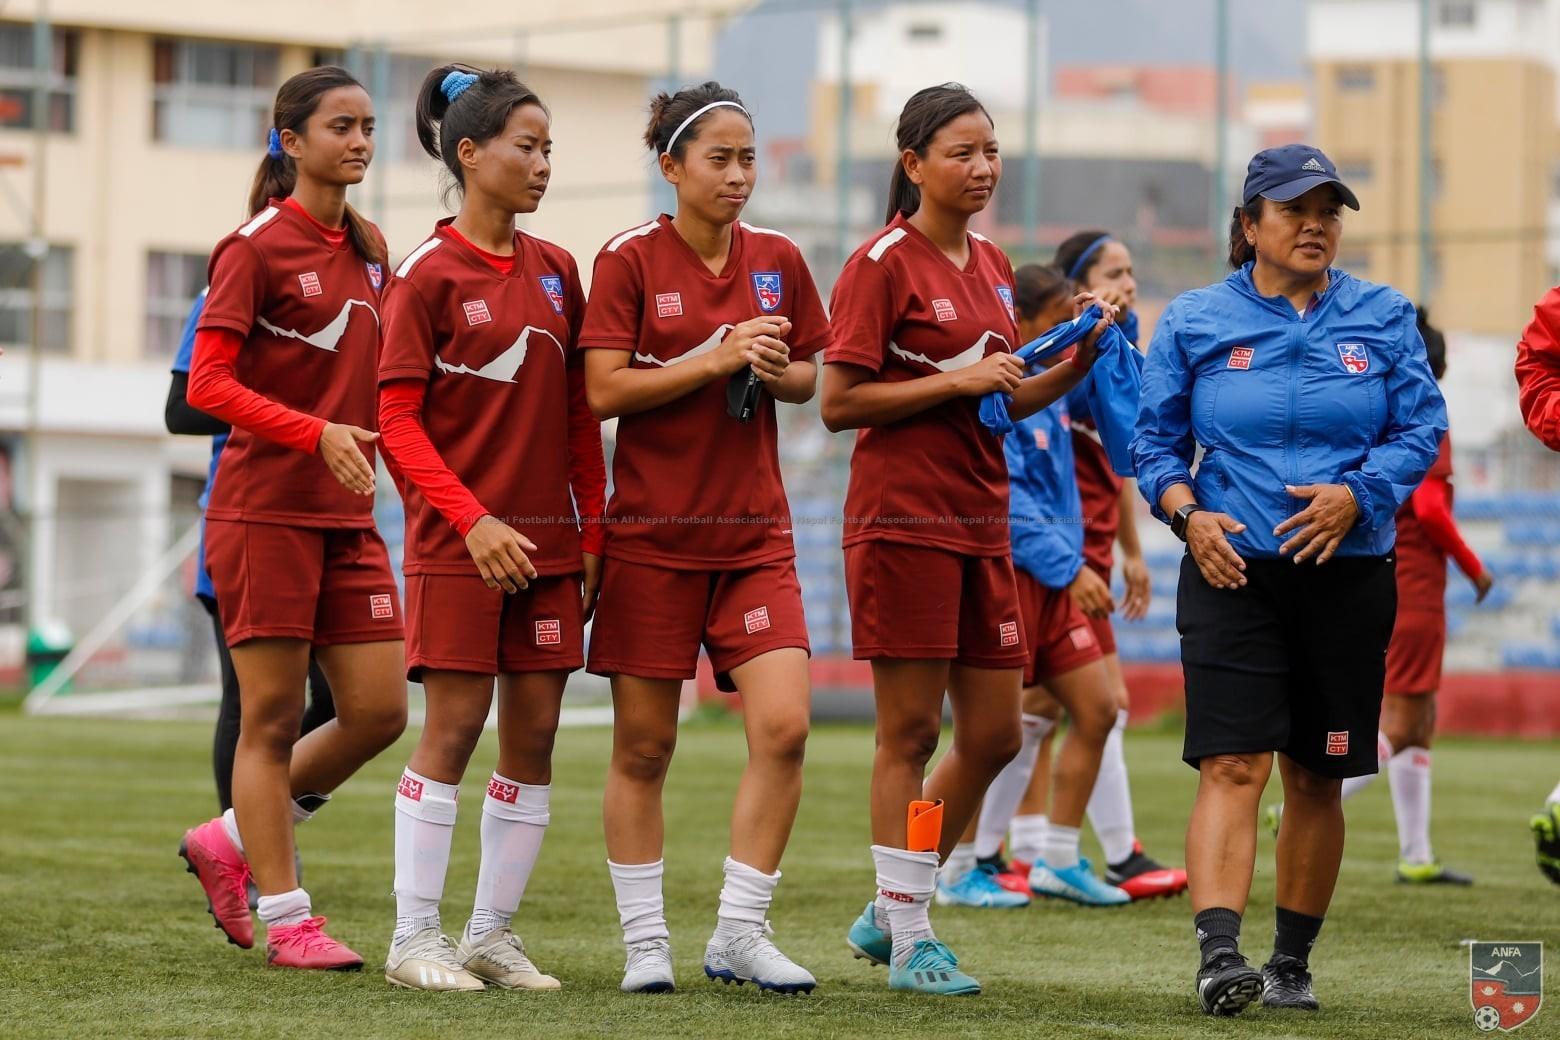 नेपाल र बंगलादेशबीचको अन्तर्राष्ट्रिय मैत्रीपूर्ण दोस्रो महिला खेल आज हुदै